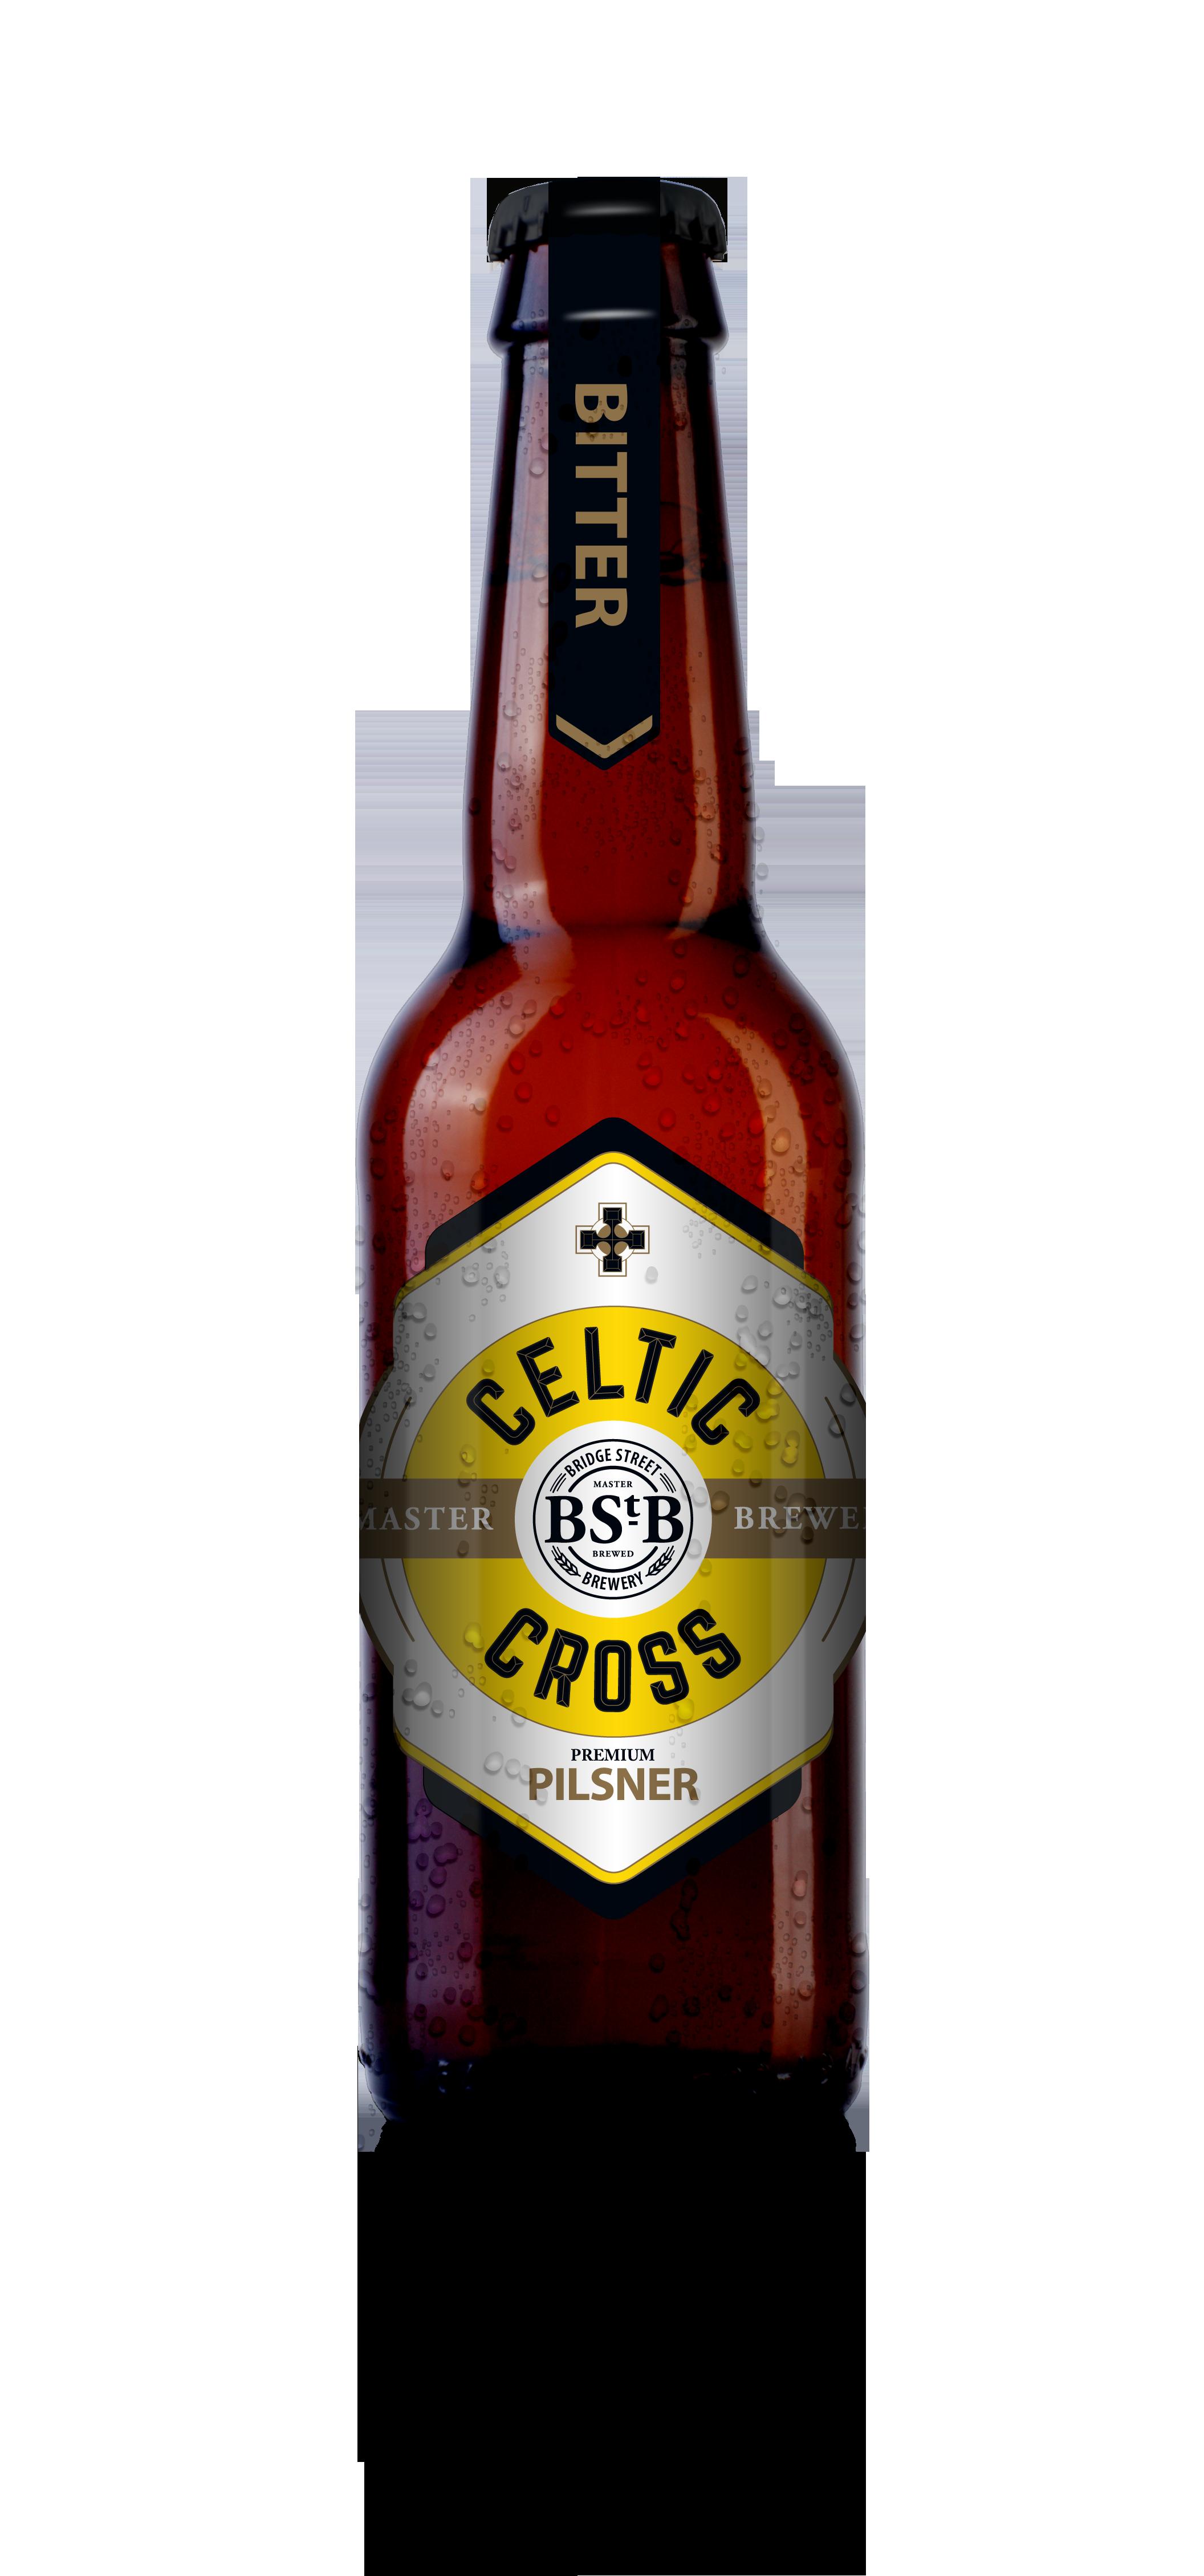 Celtic Cross Craft Beer